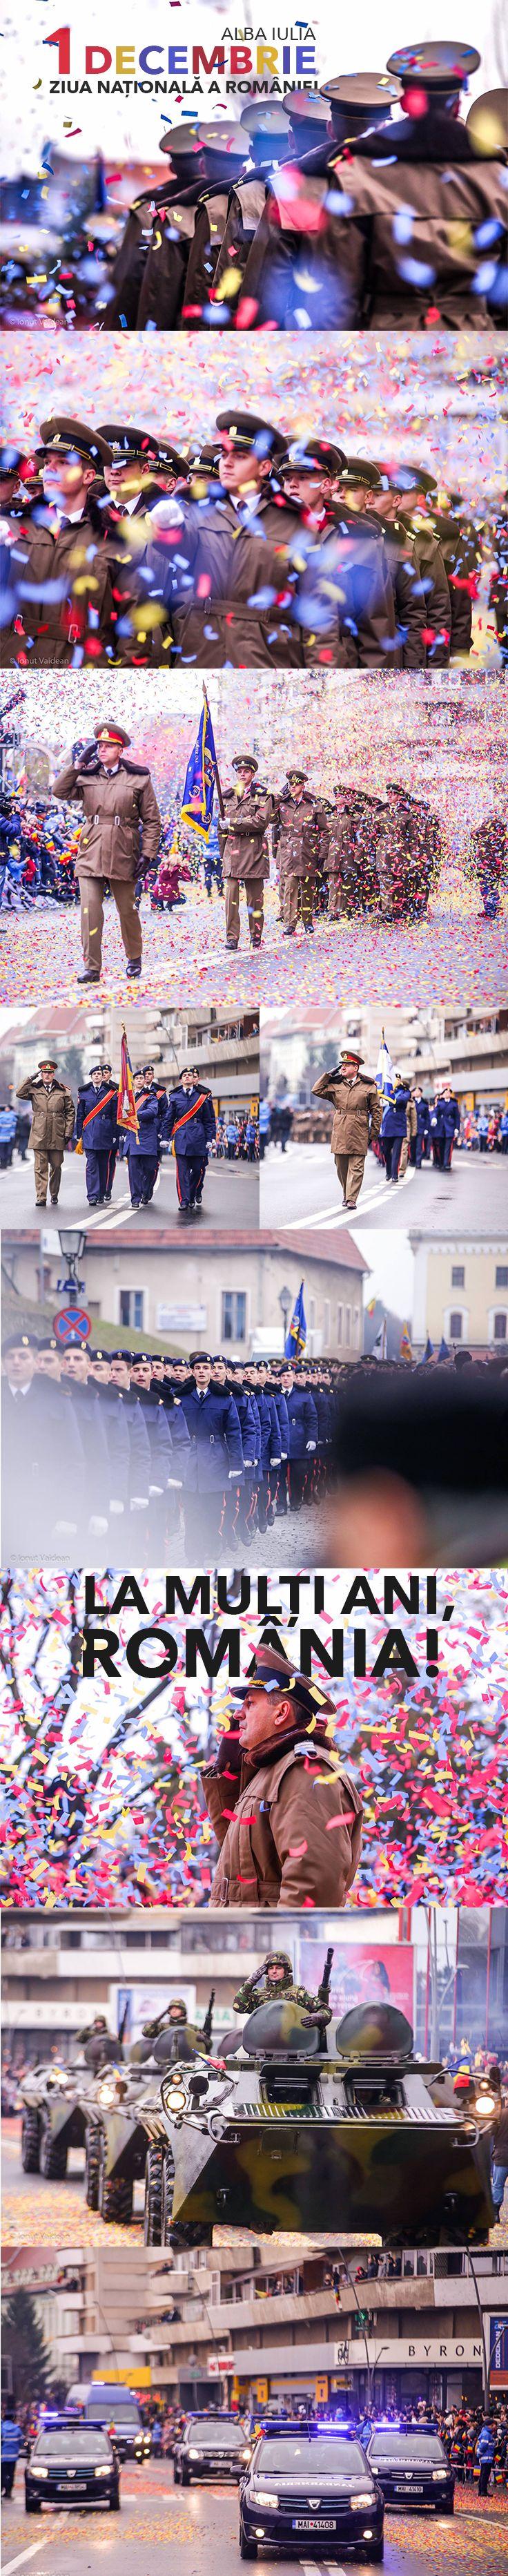 1 Decembrie, Ziua Nationala a Romaniei, Alba Iulia.